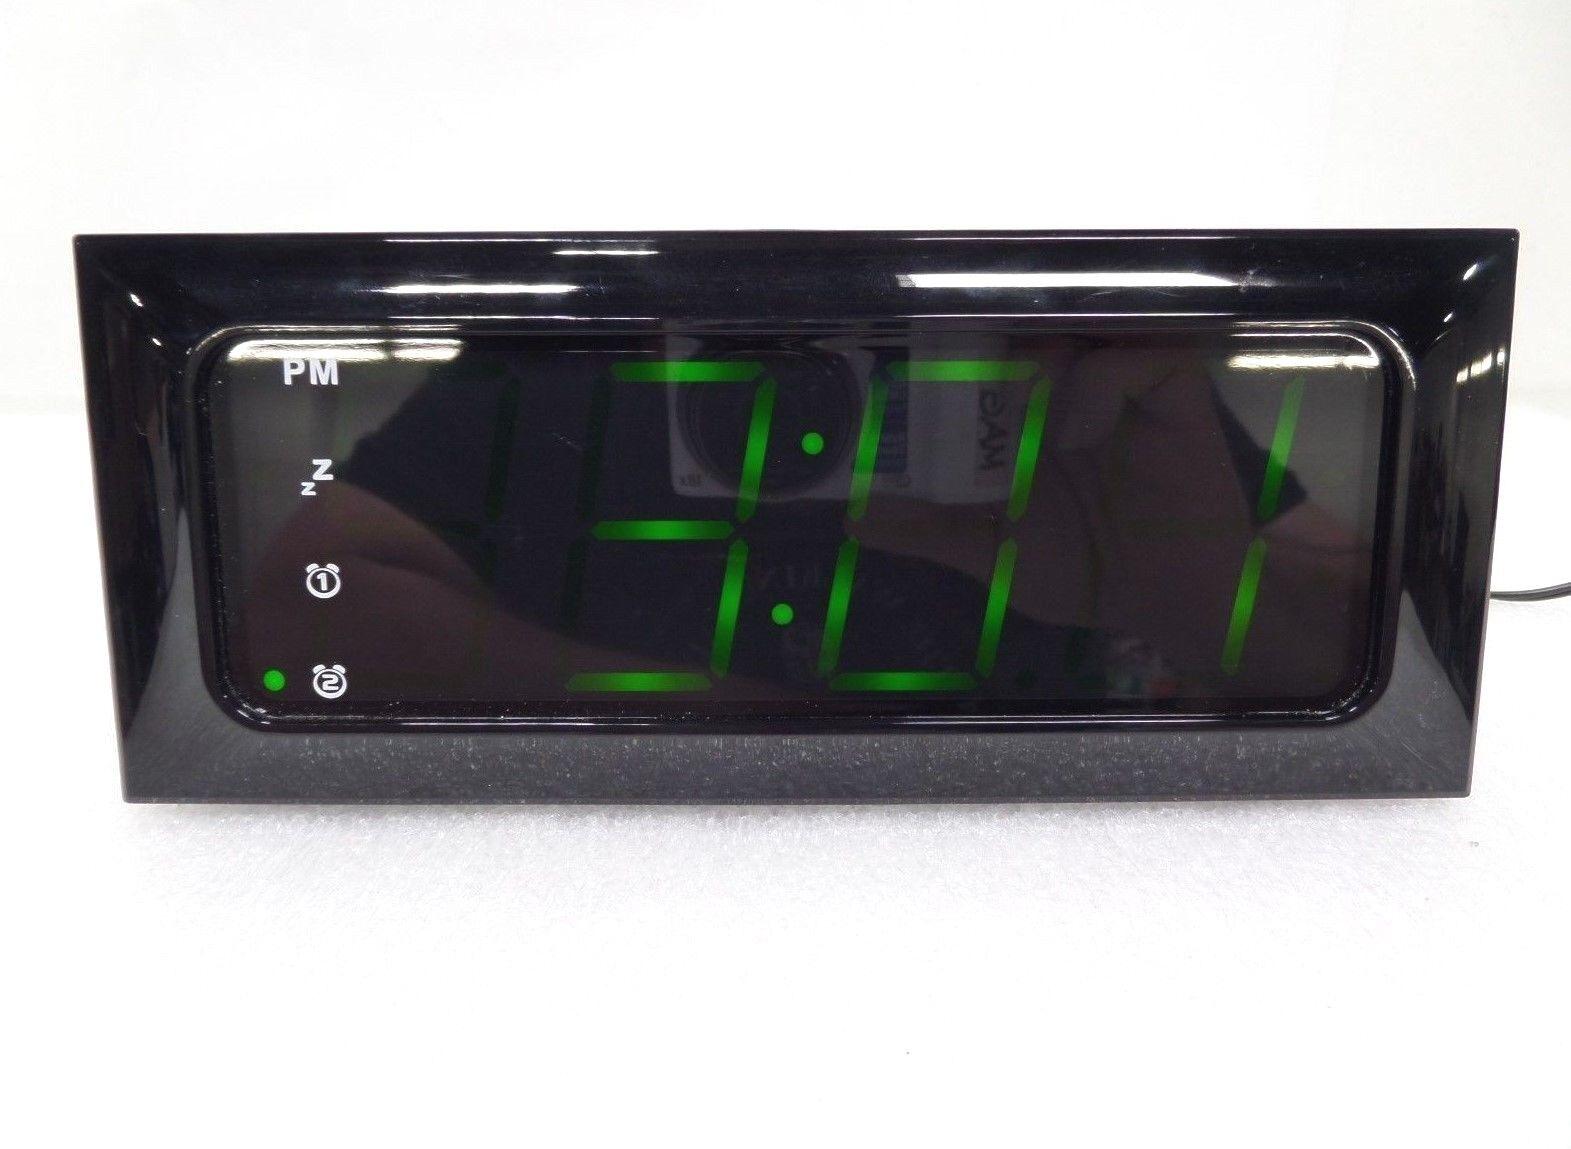 Insignia Digital AM/FM Clock Radio NS-CLOPP2 (17585)